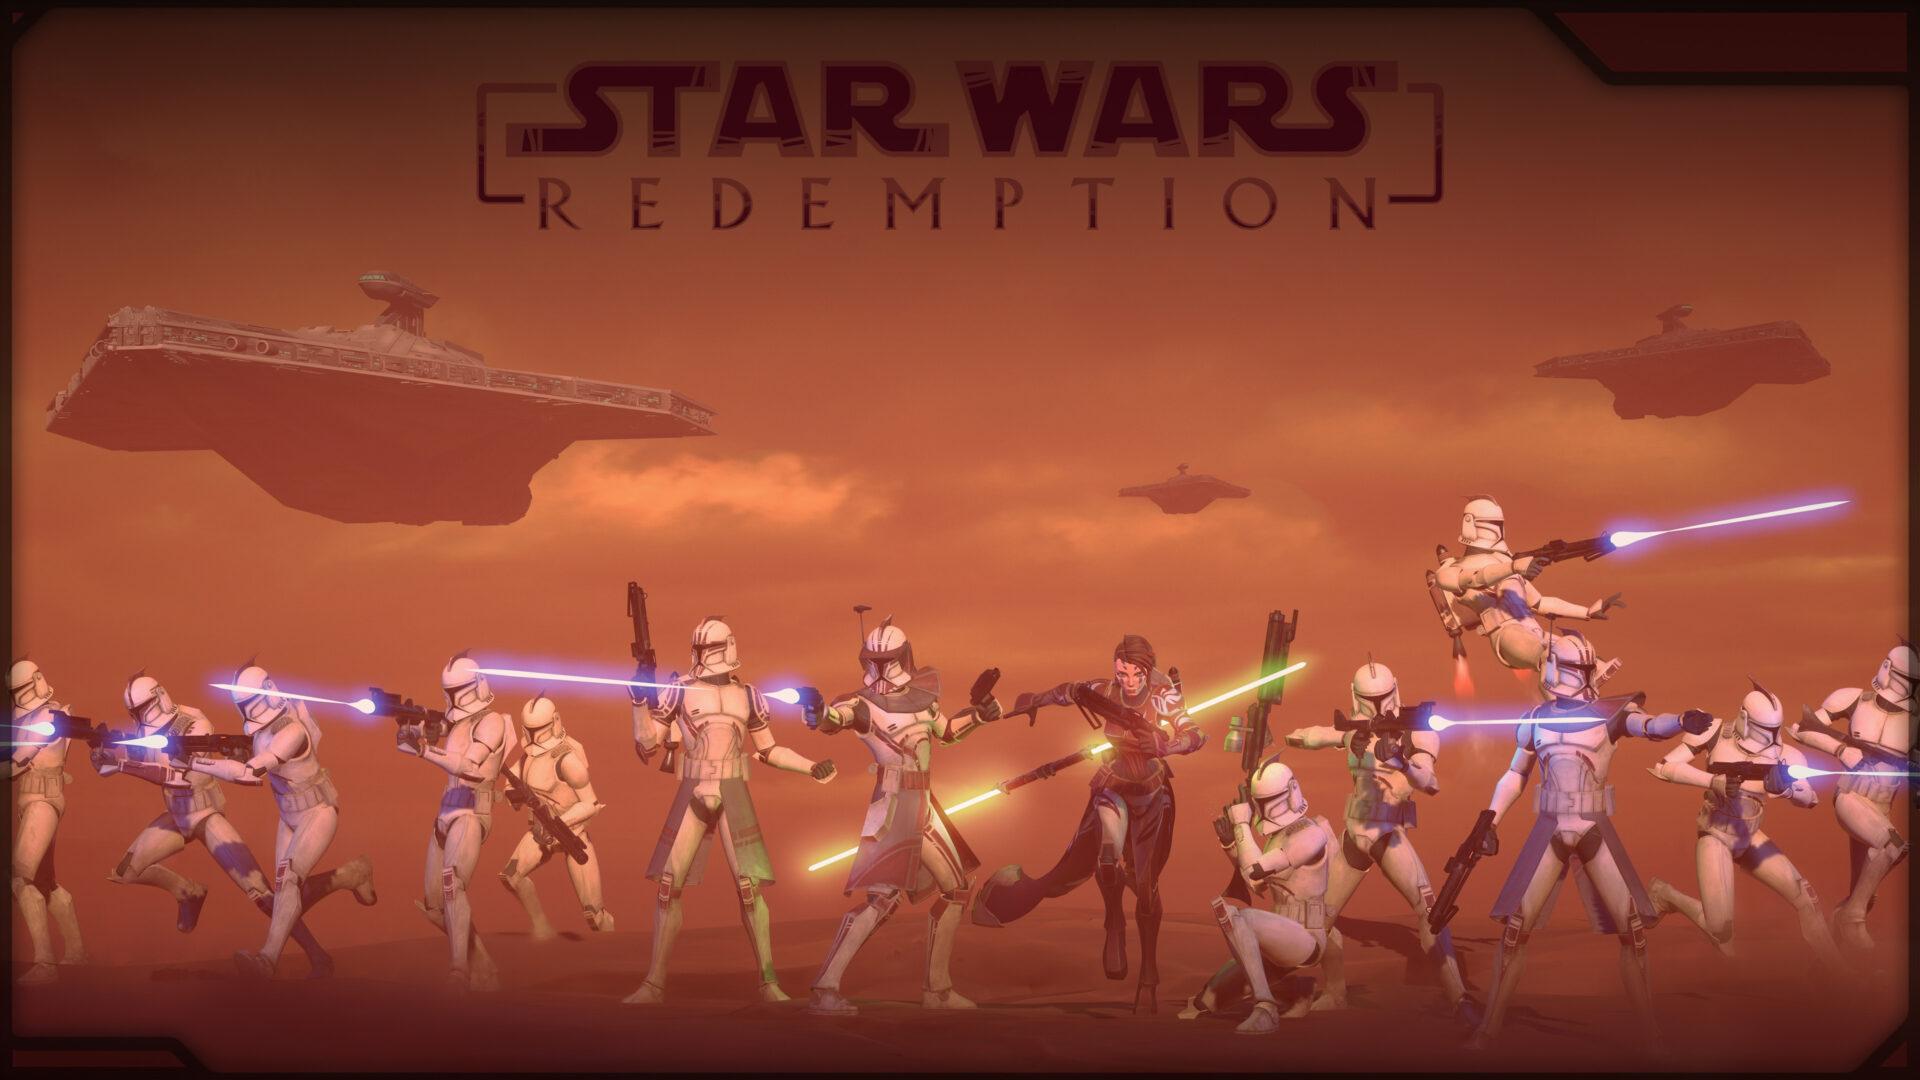 Star Wars Redemption